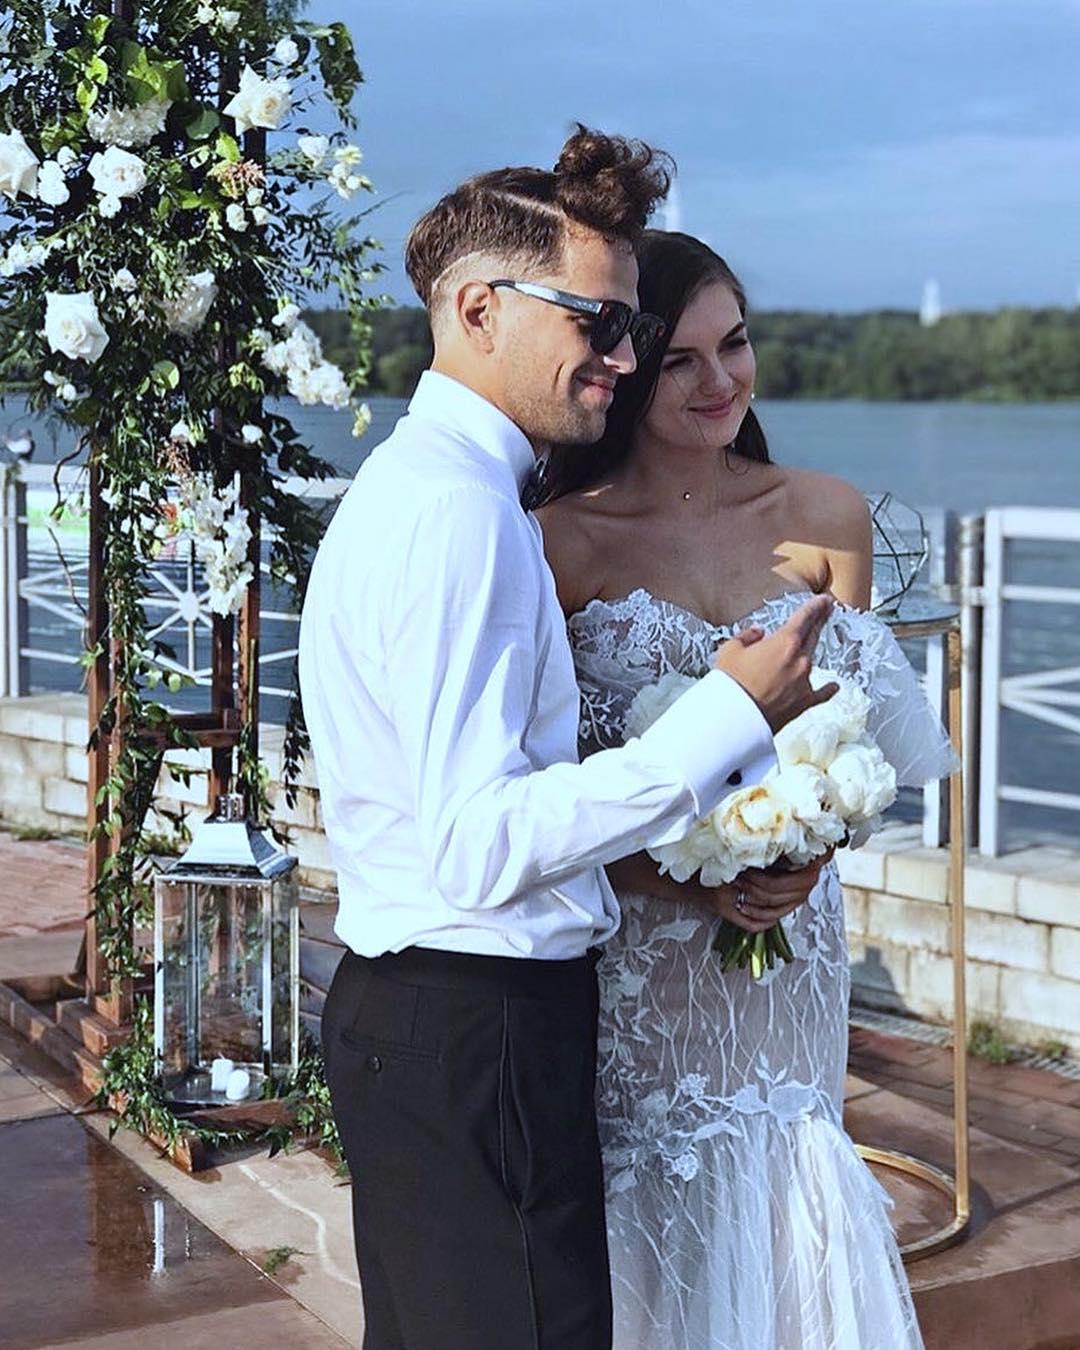 Жена Олега ЛСП - фото, личная жизнь Олега Савченко